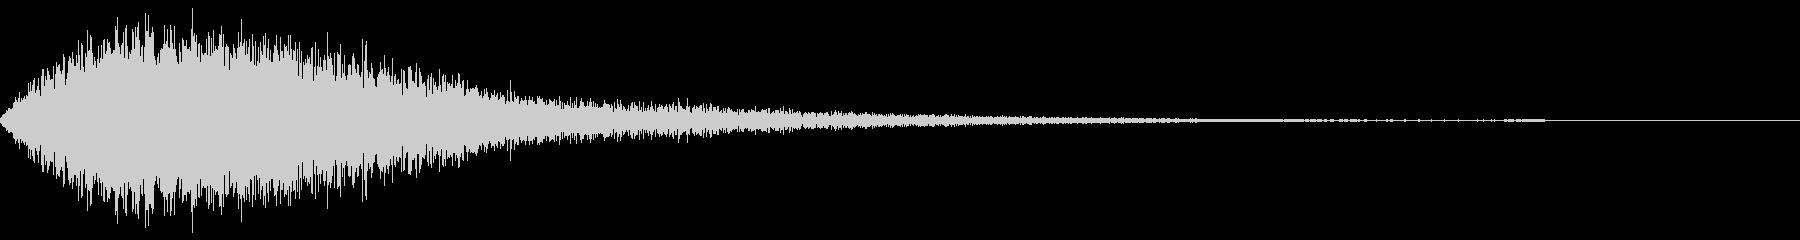 ヒューシュミュージカルスクリーチの未再生の波形